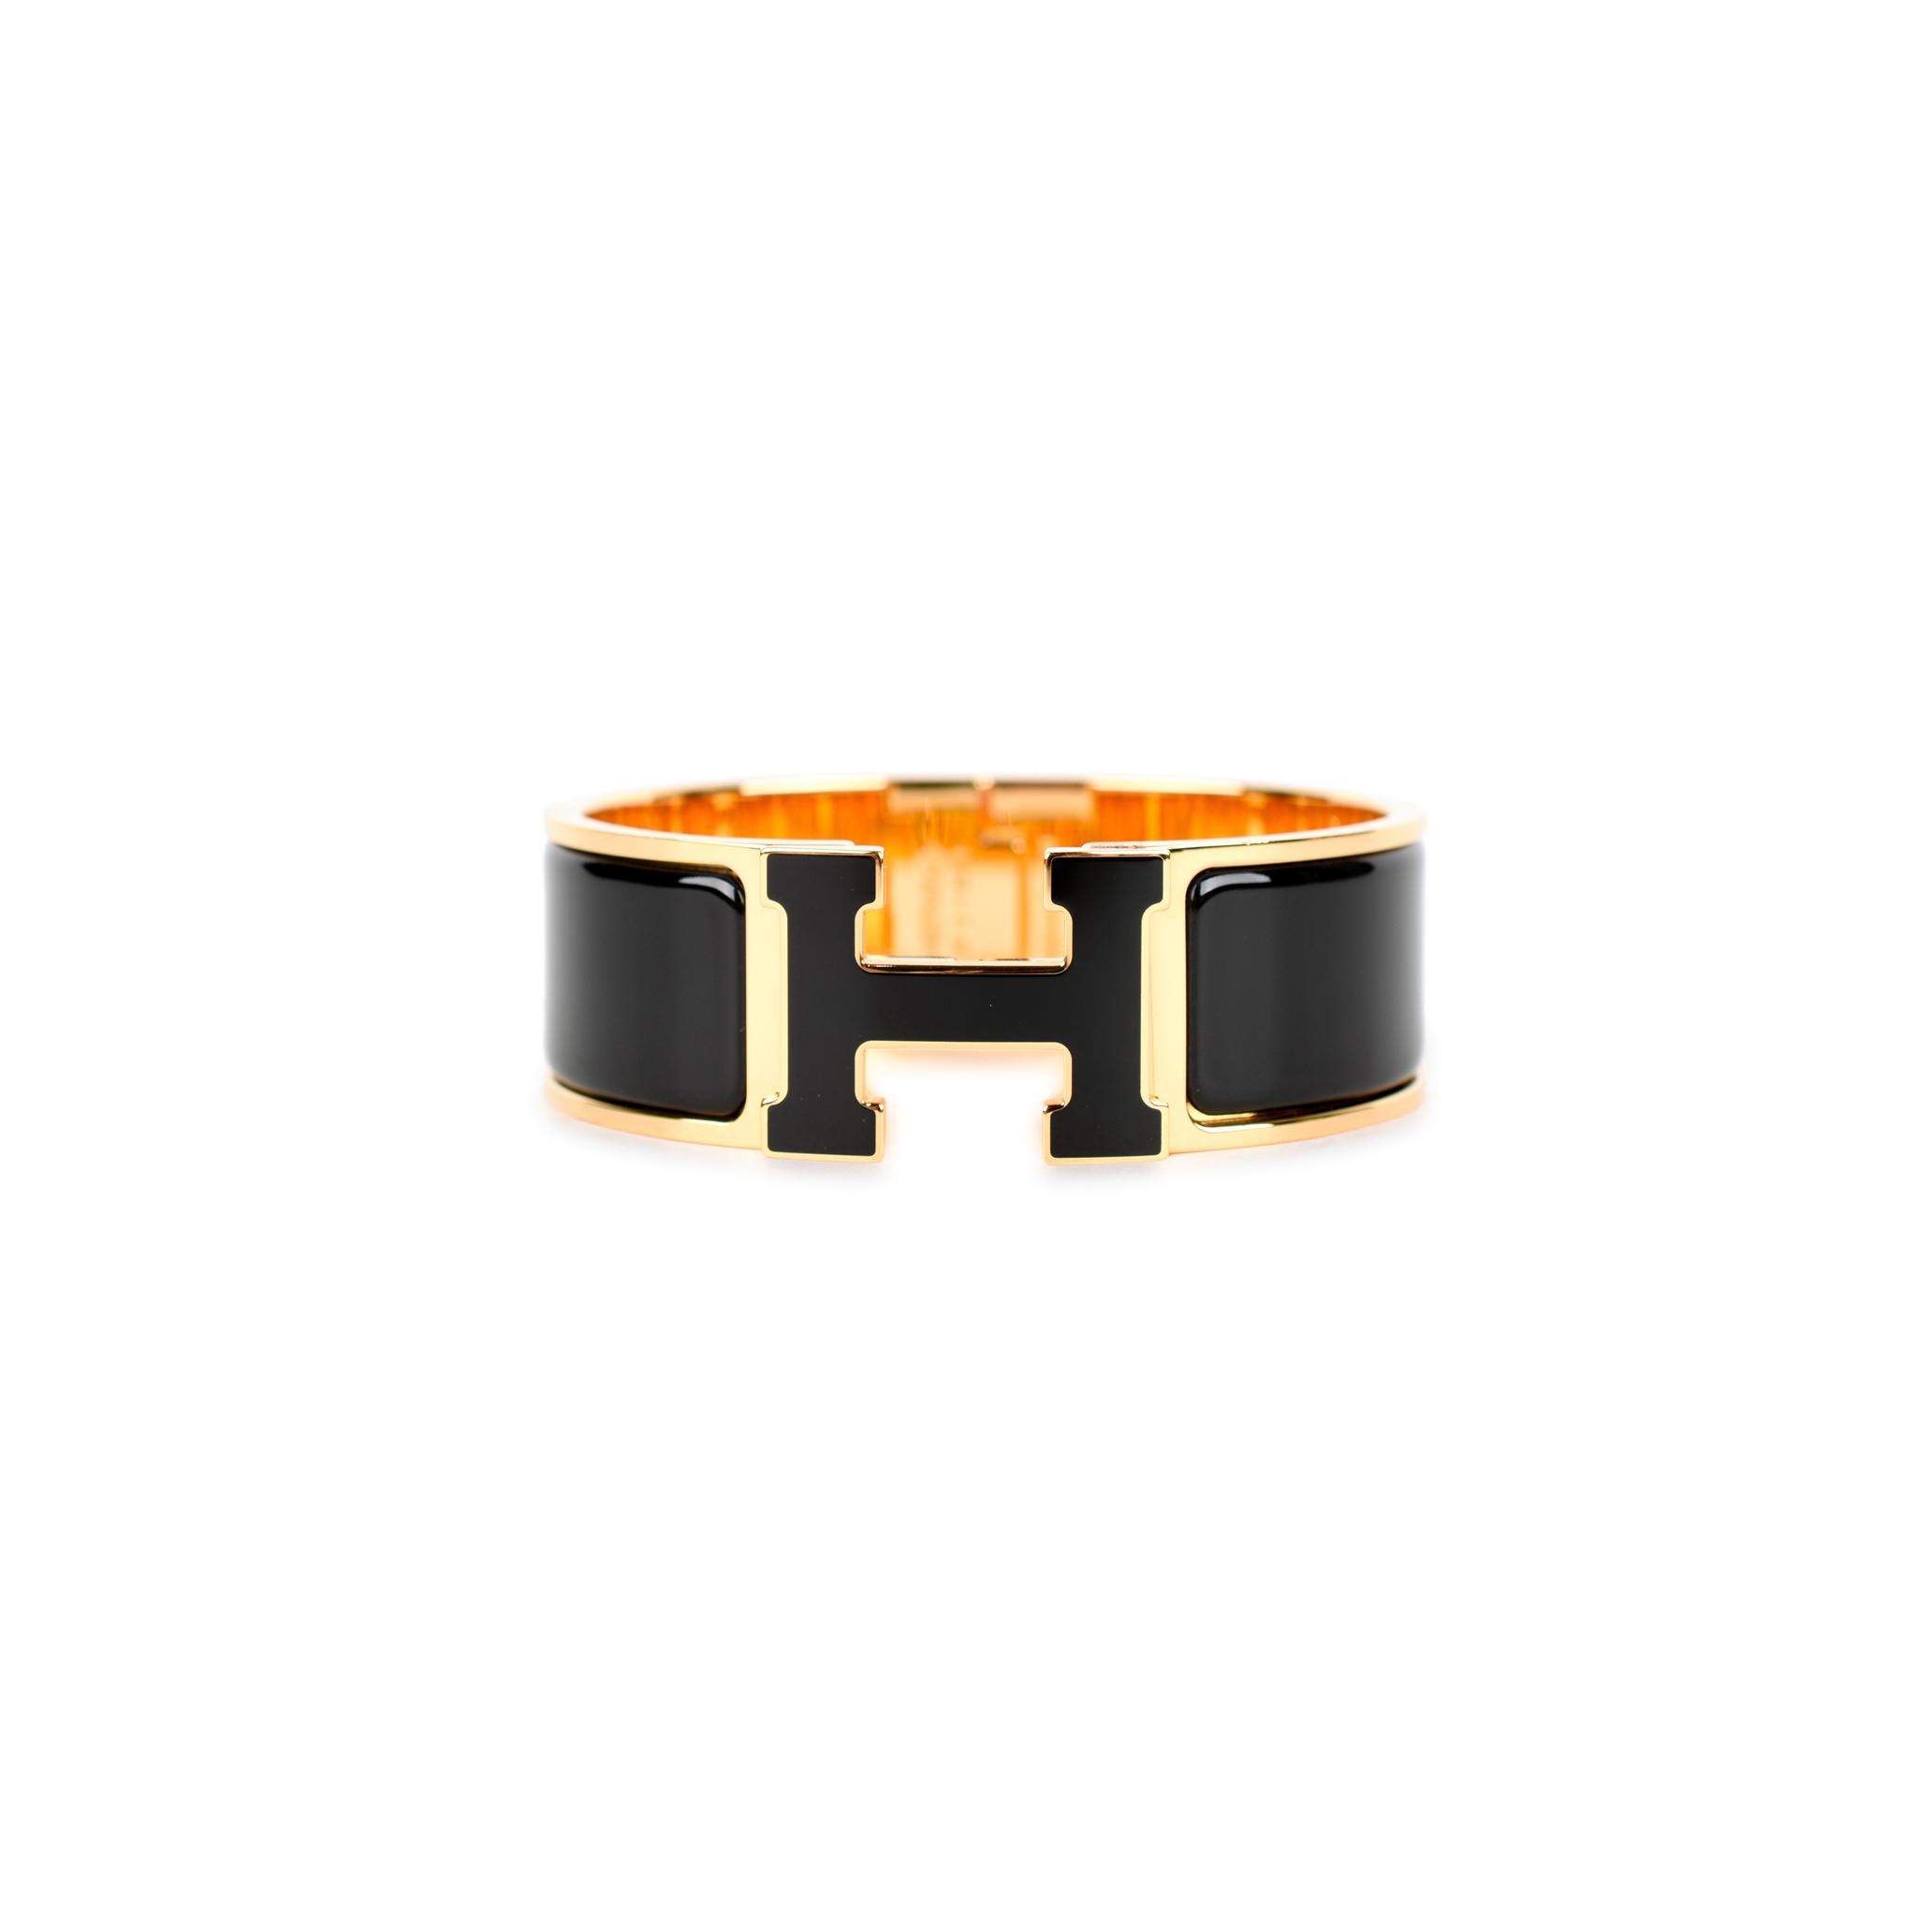 Authentic Second Hand Herm 232 S Clic Clac H Bracelet Pss 442